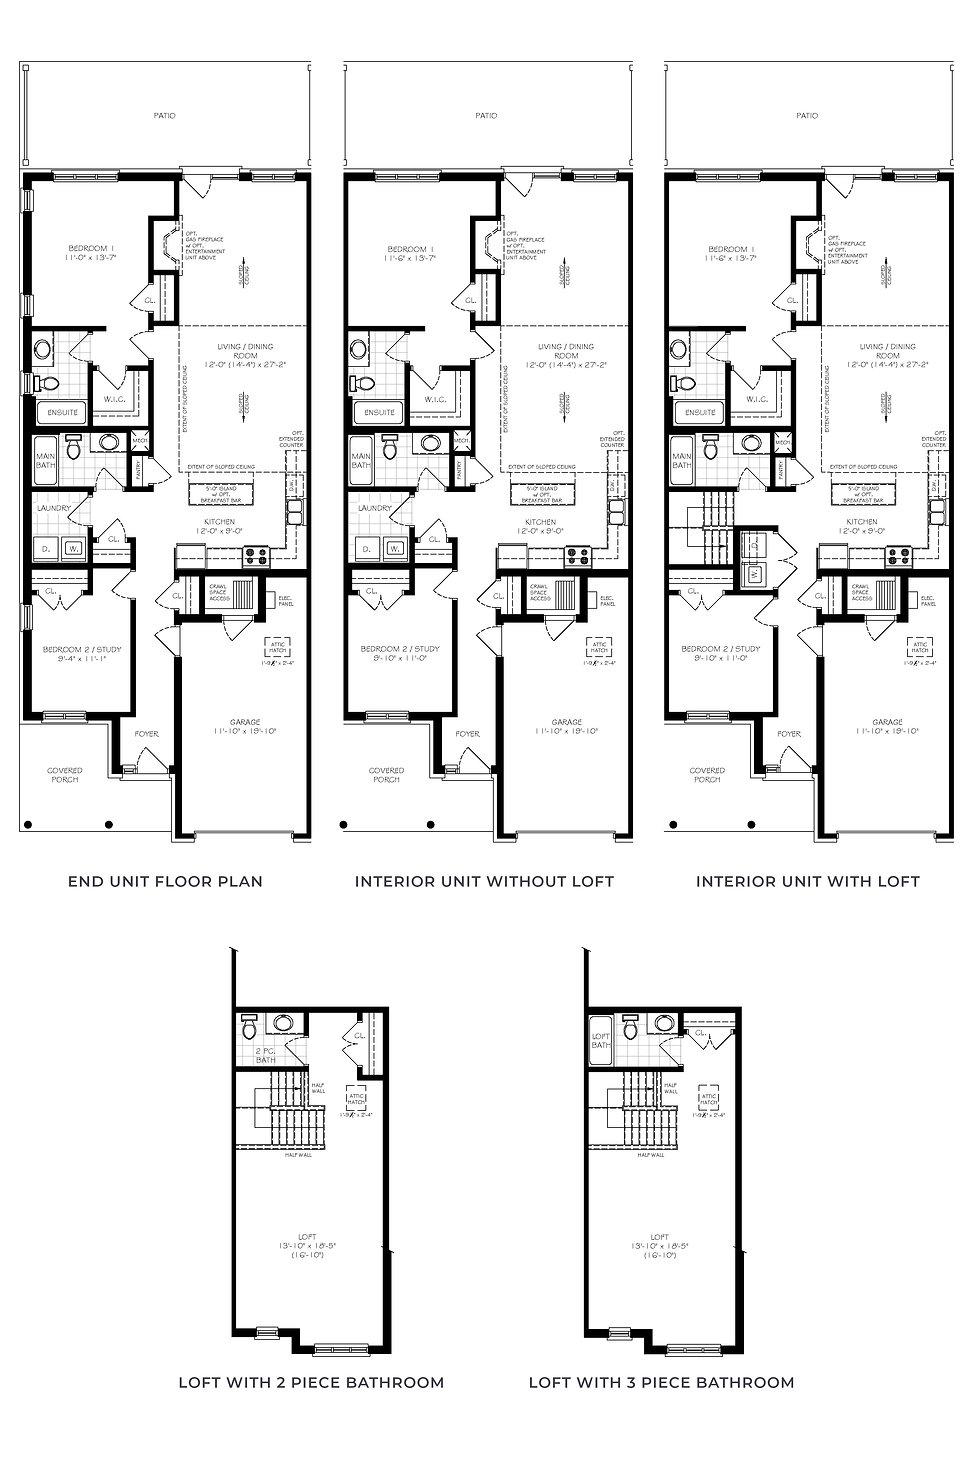 floorplans2020.jpg